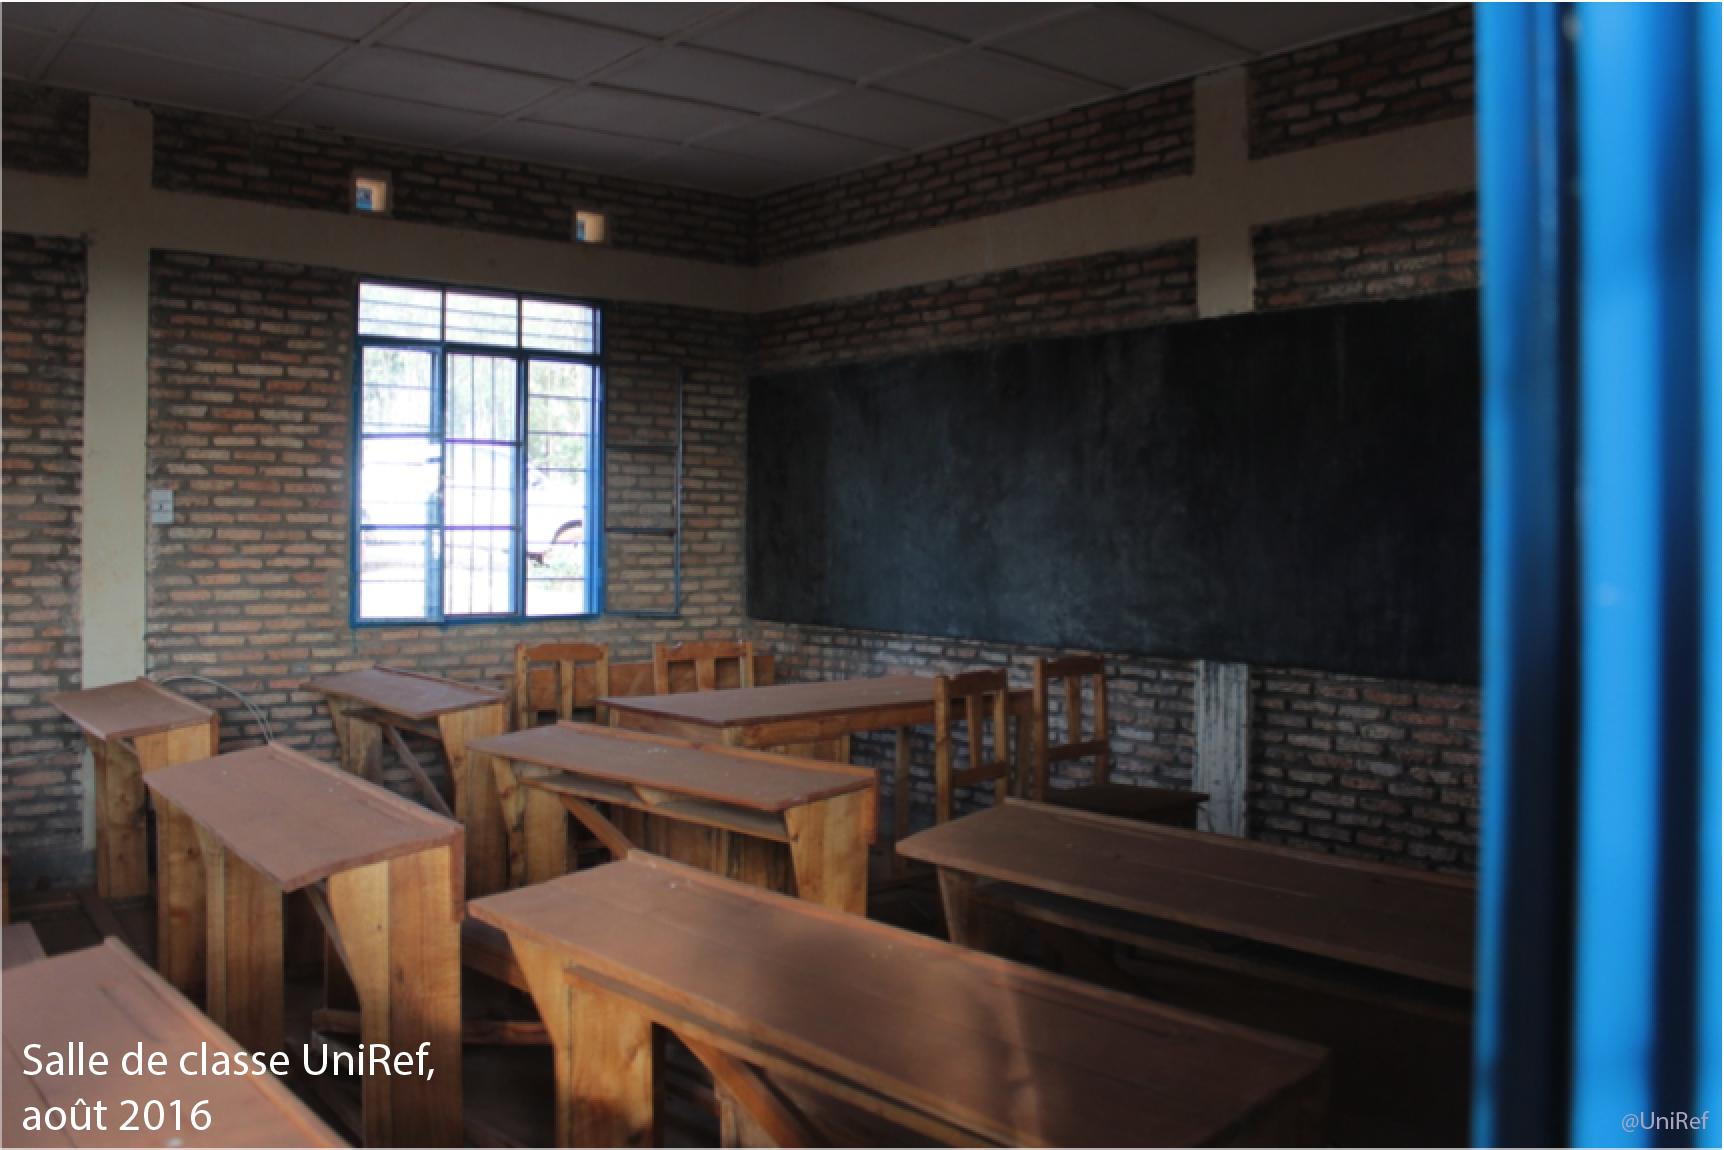 Salle de classe UniRef, Aout 2016